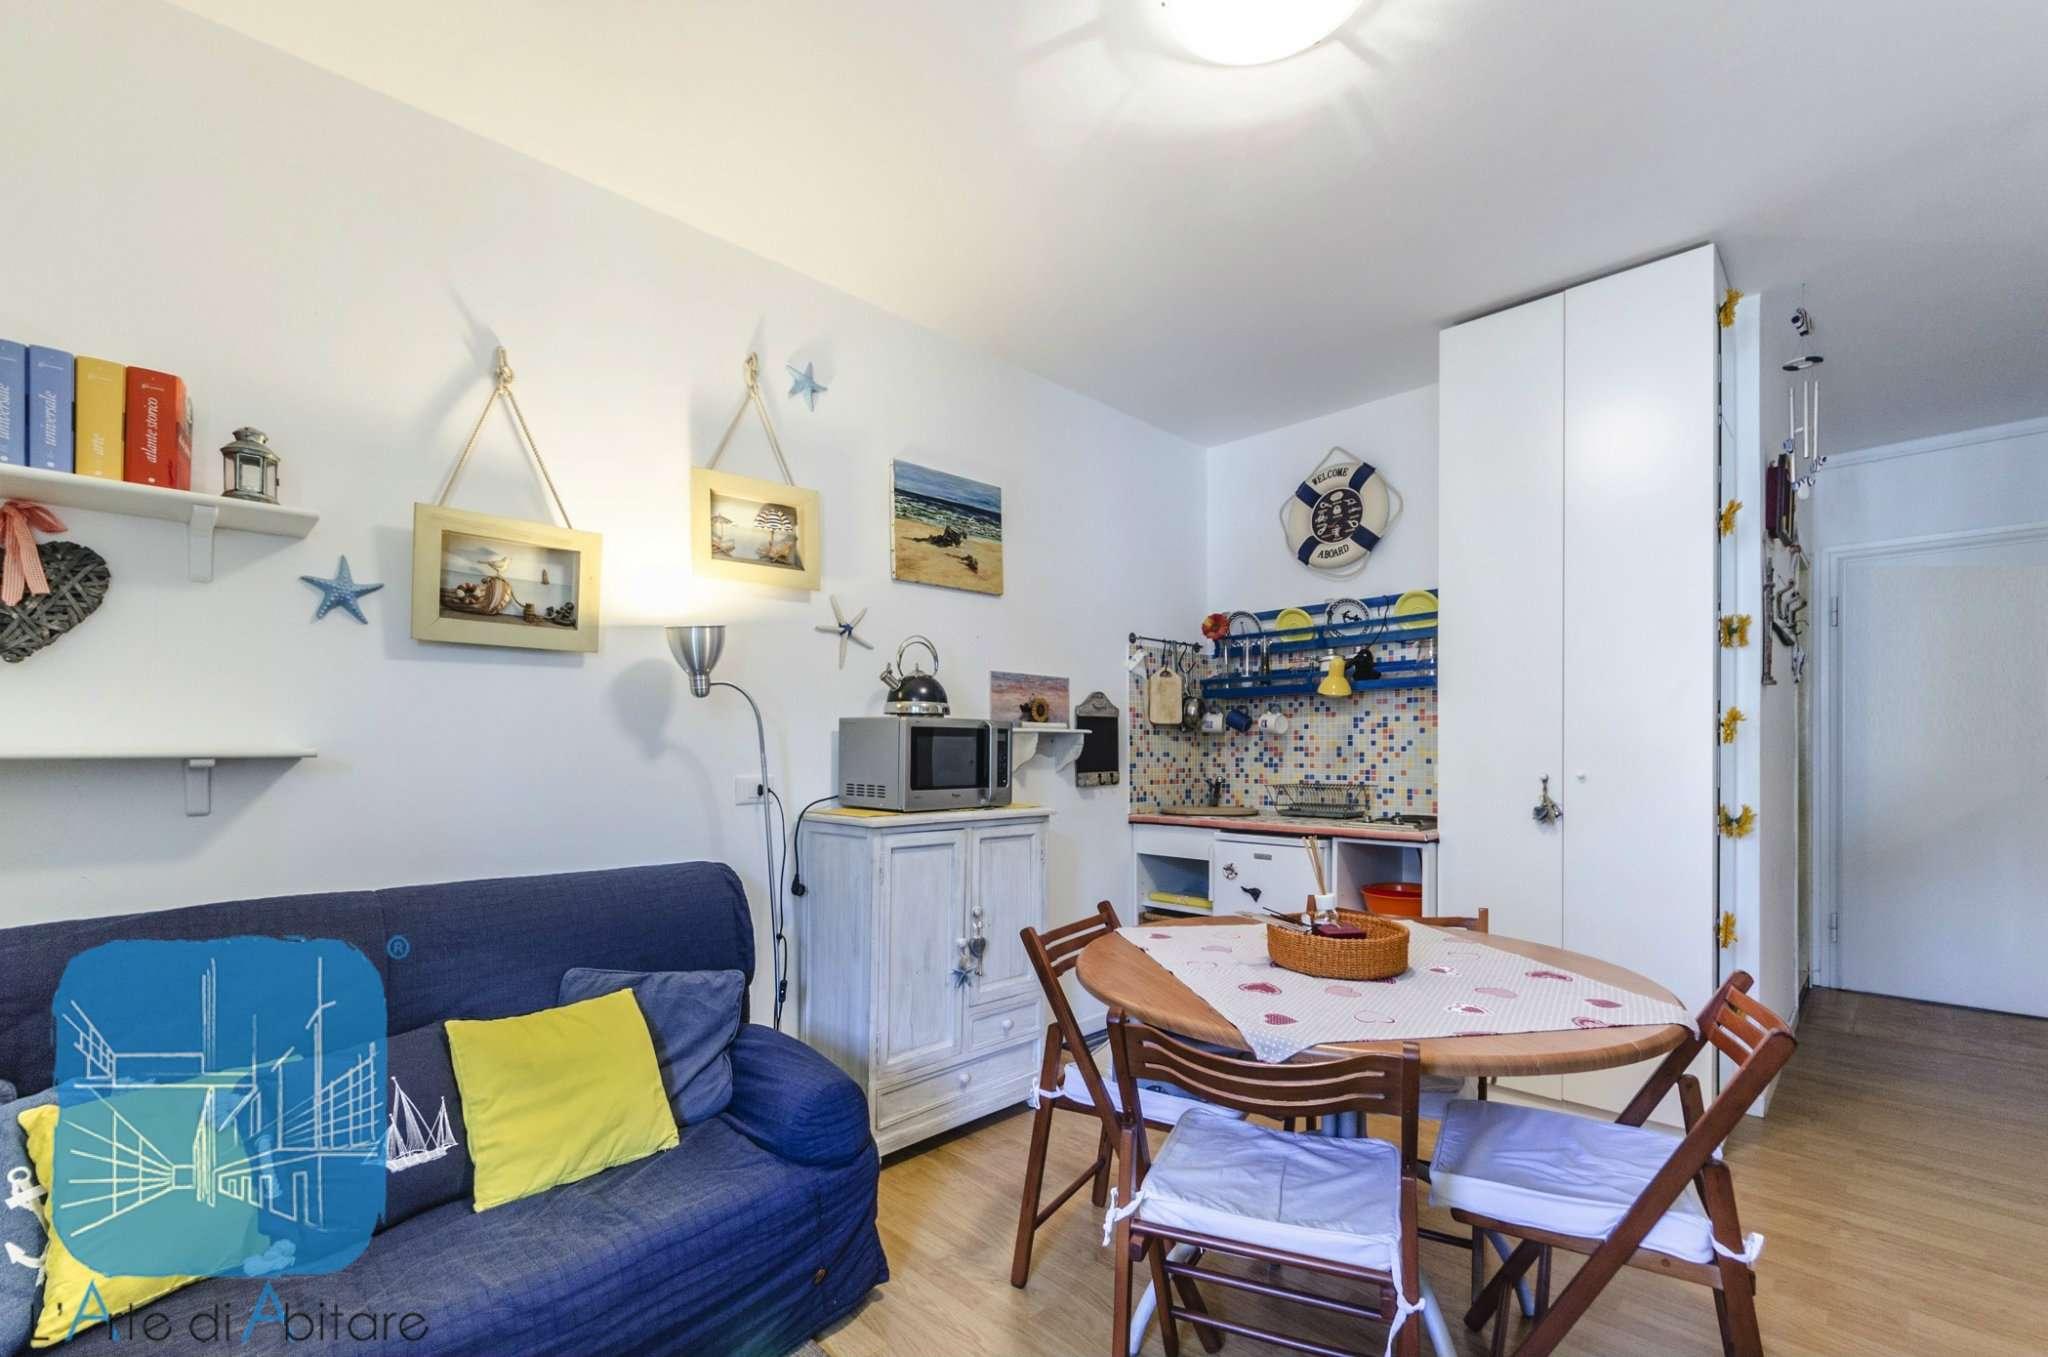 Appartamento in vendita a Caorle, 2 locali, prezzo € 95.000 | Cambio Casa.it